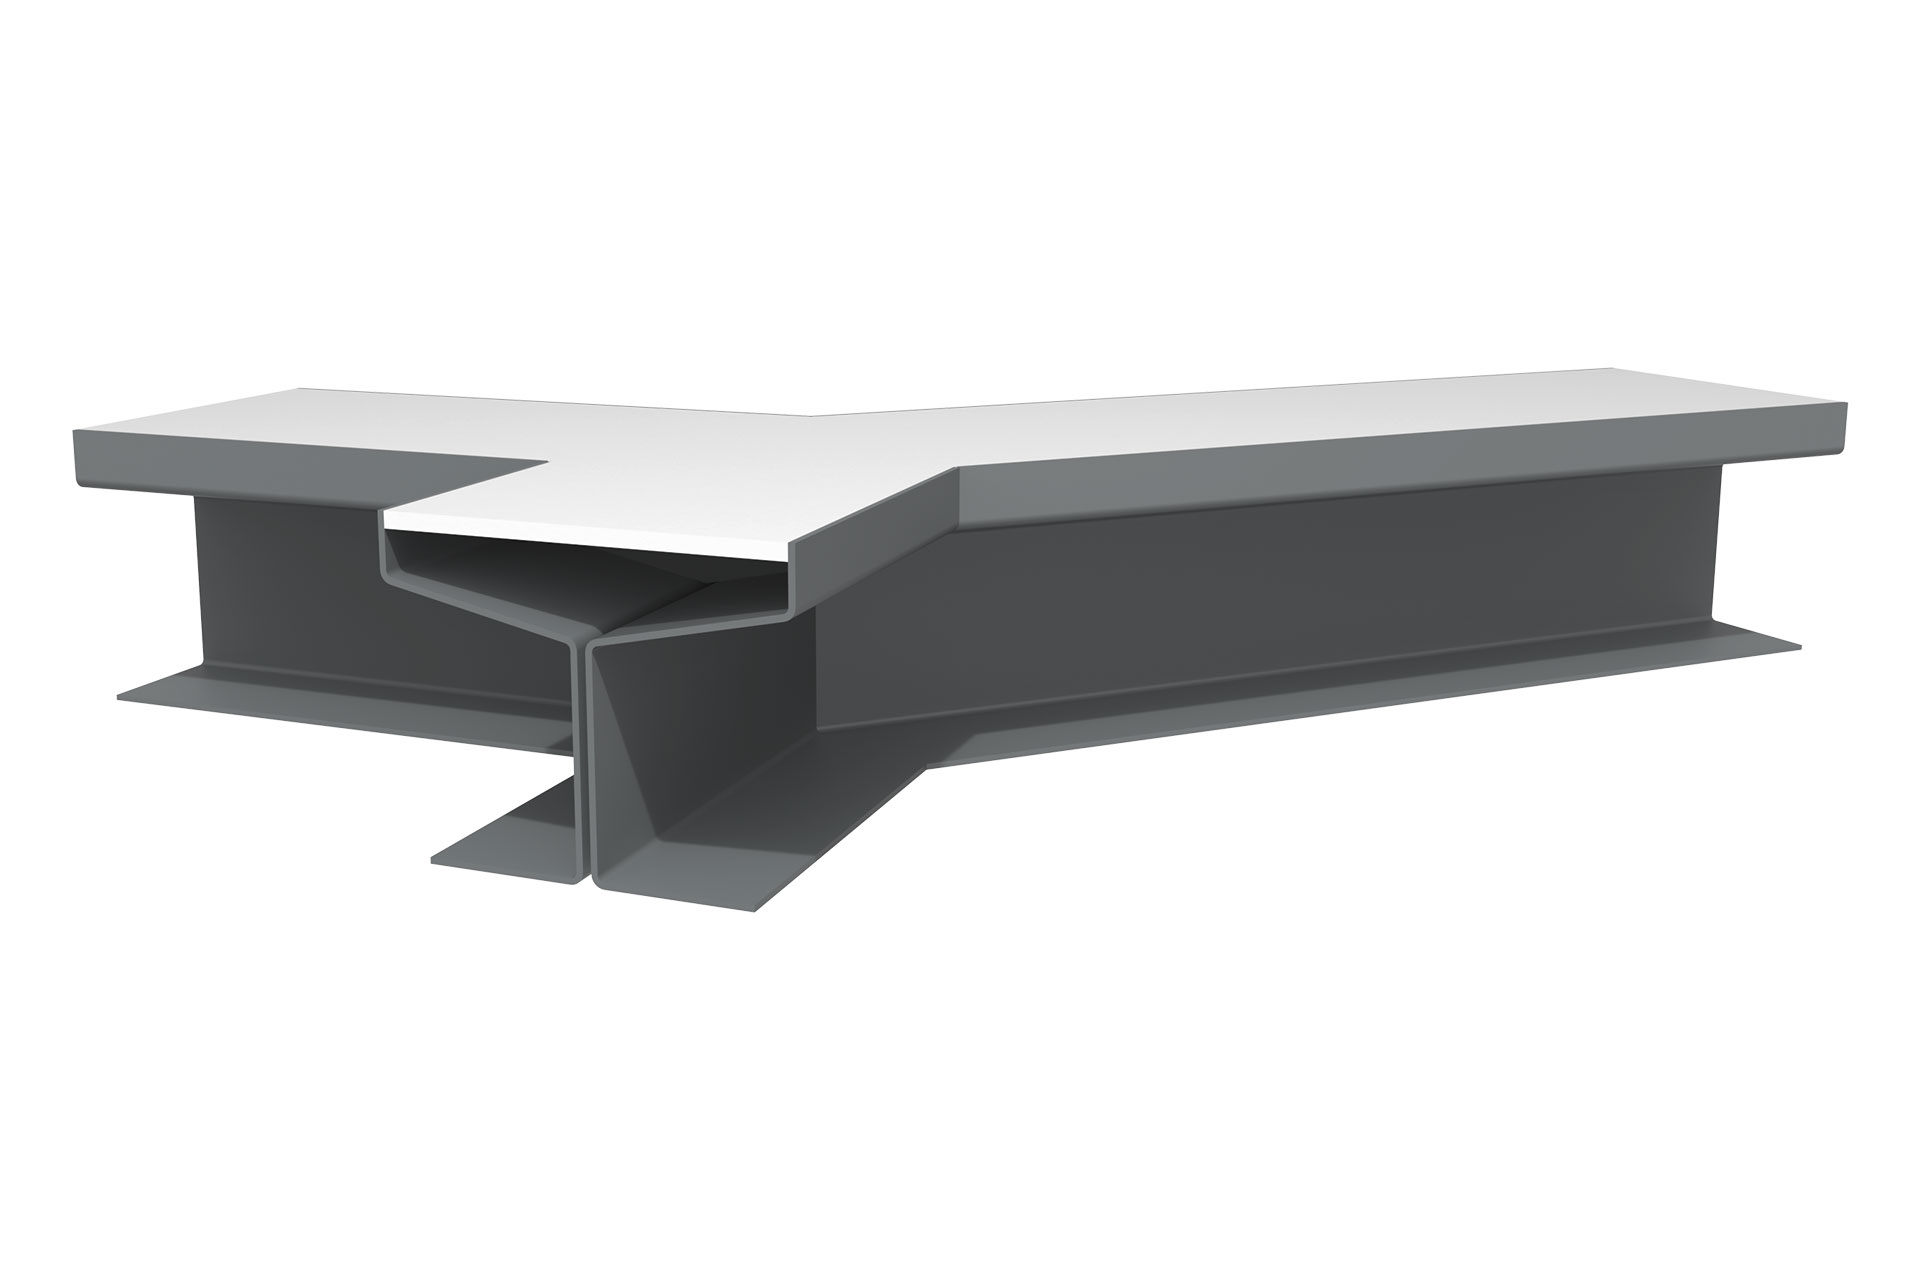 UrbanObjekts Y Sitzgelegenheit Verzweigt Glasfaserbeton Bodenplatte